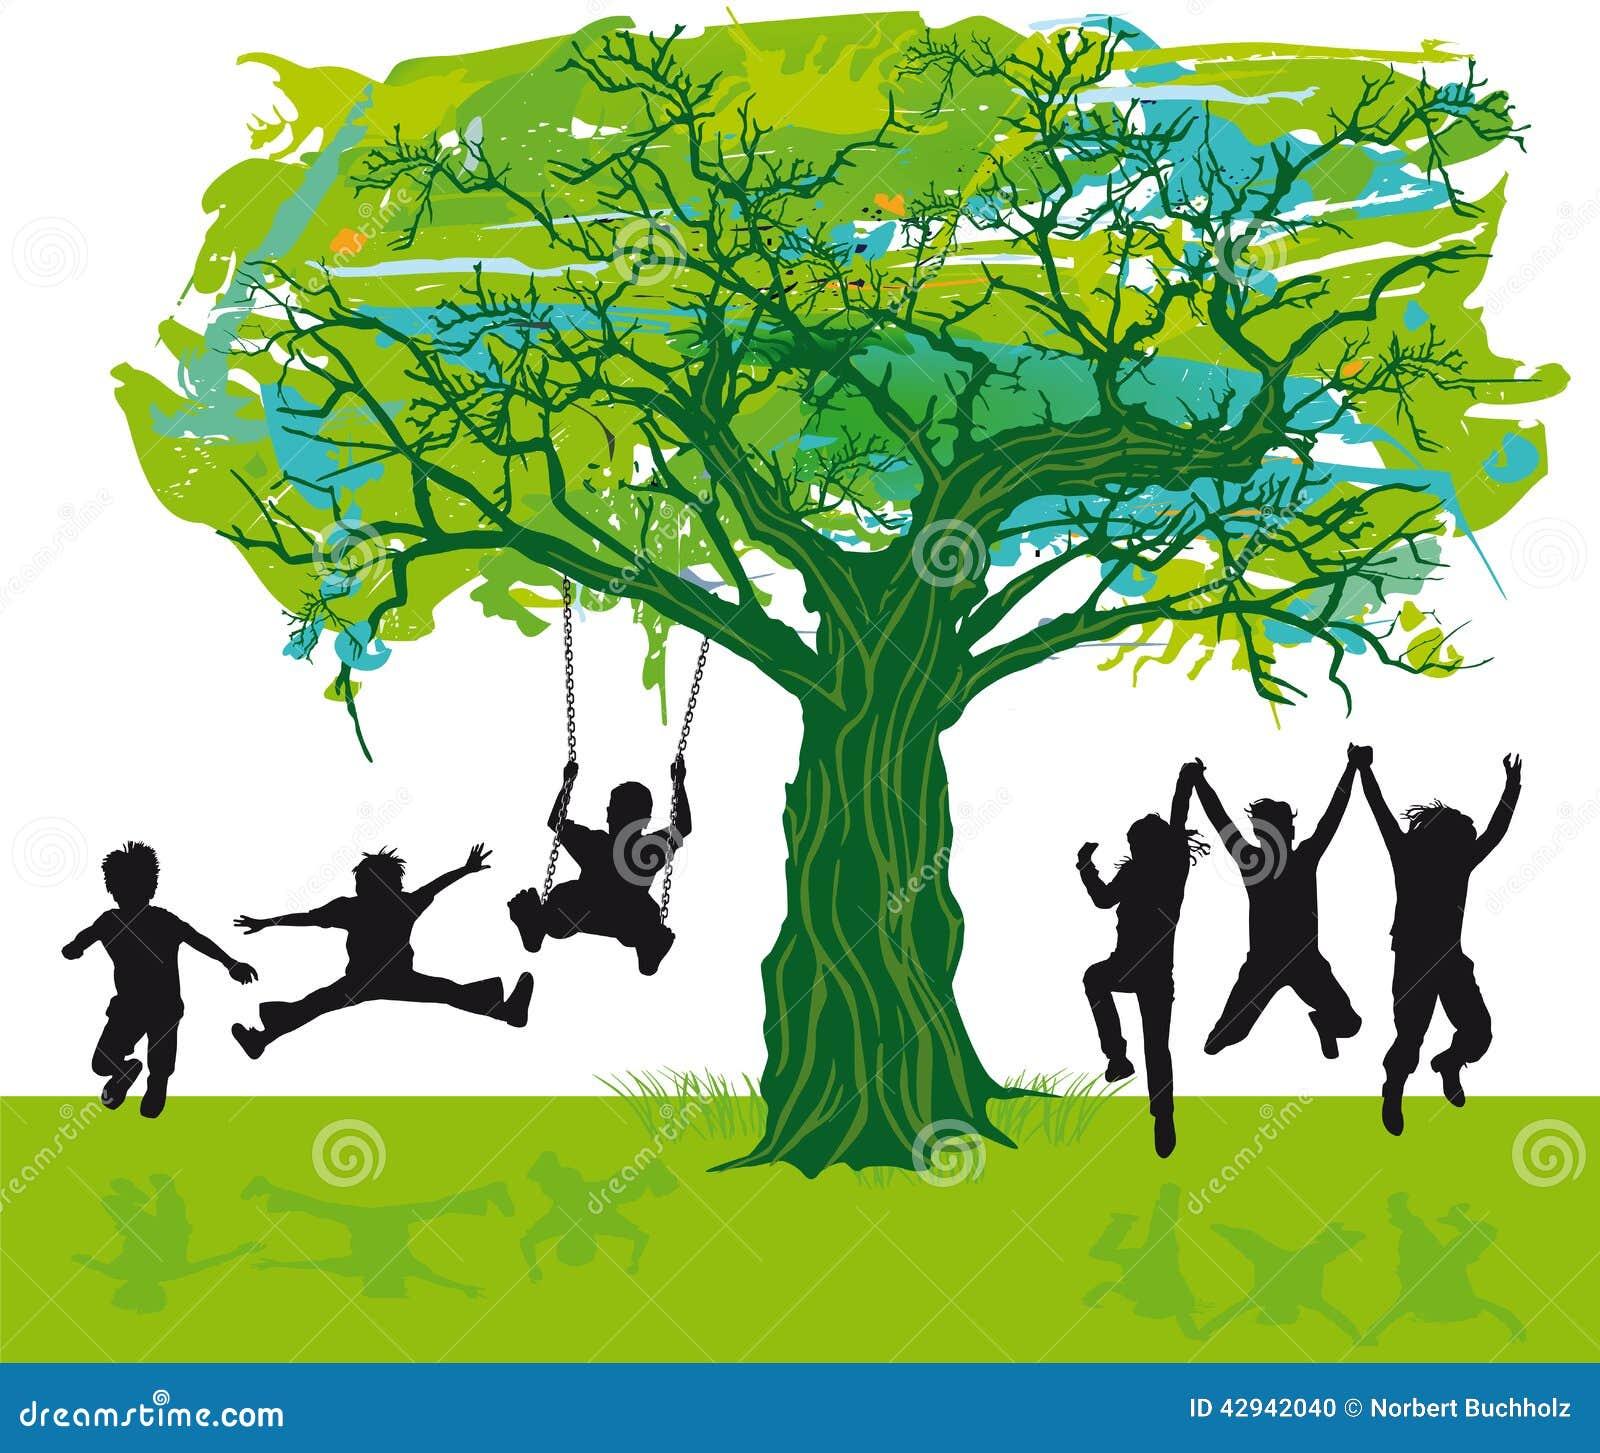 Di un gruppo di bambini profilati che giocano sotto un albero